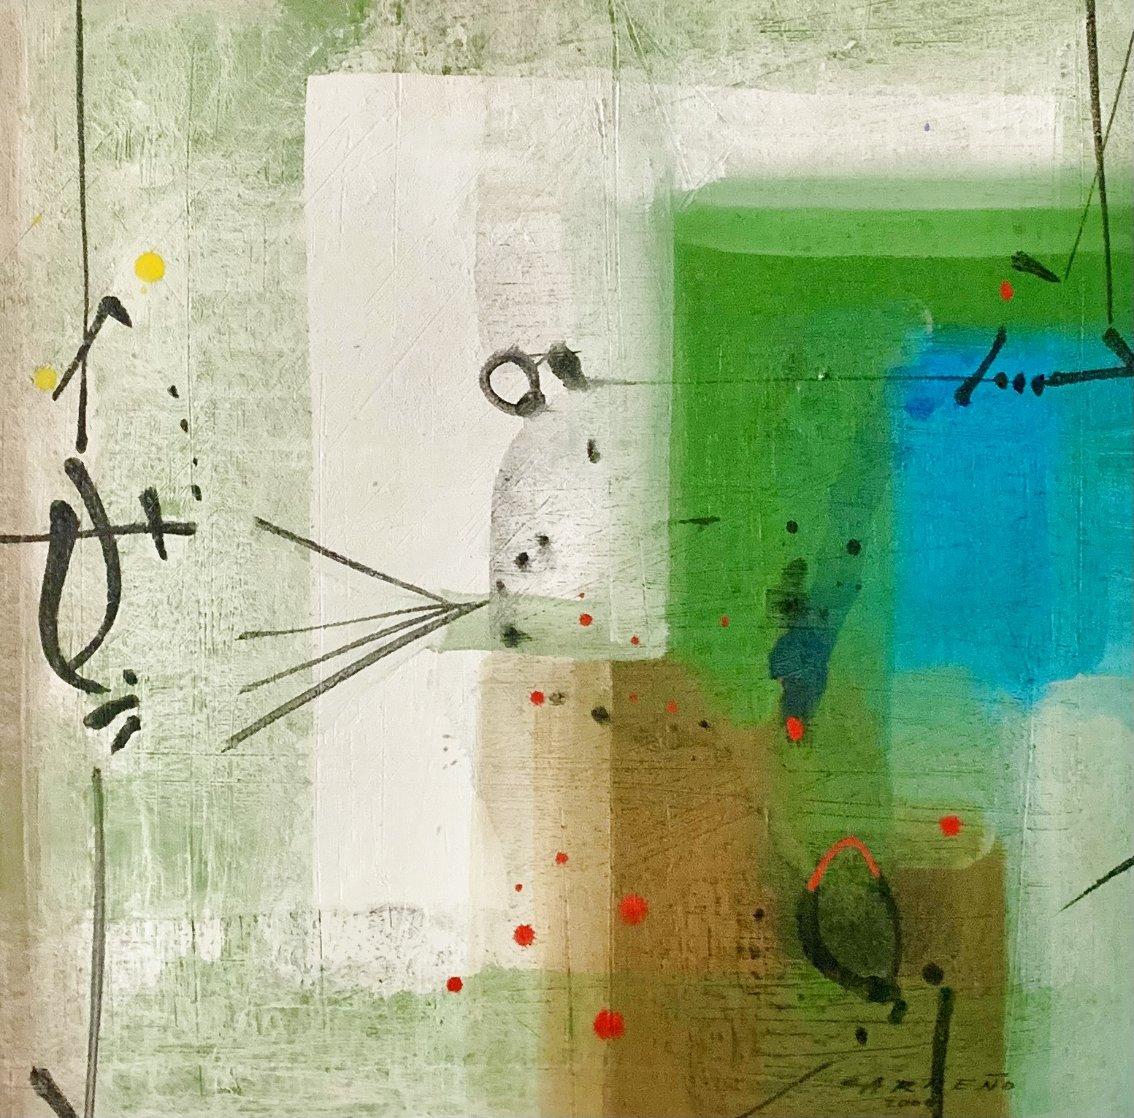 Springtime 2009 33x33 Original Painting by Antonio Carreno